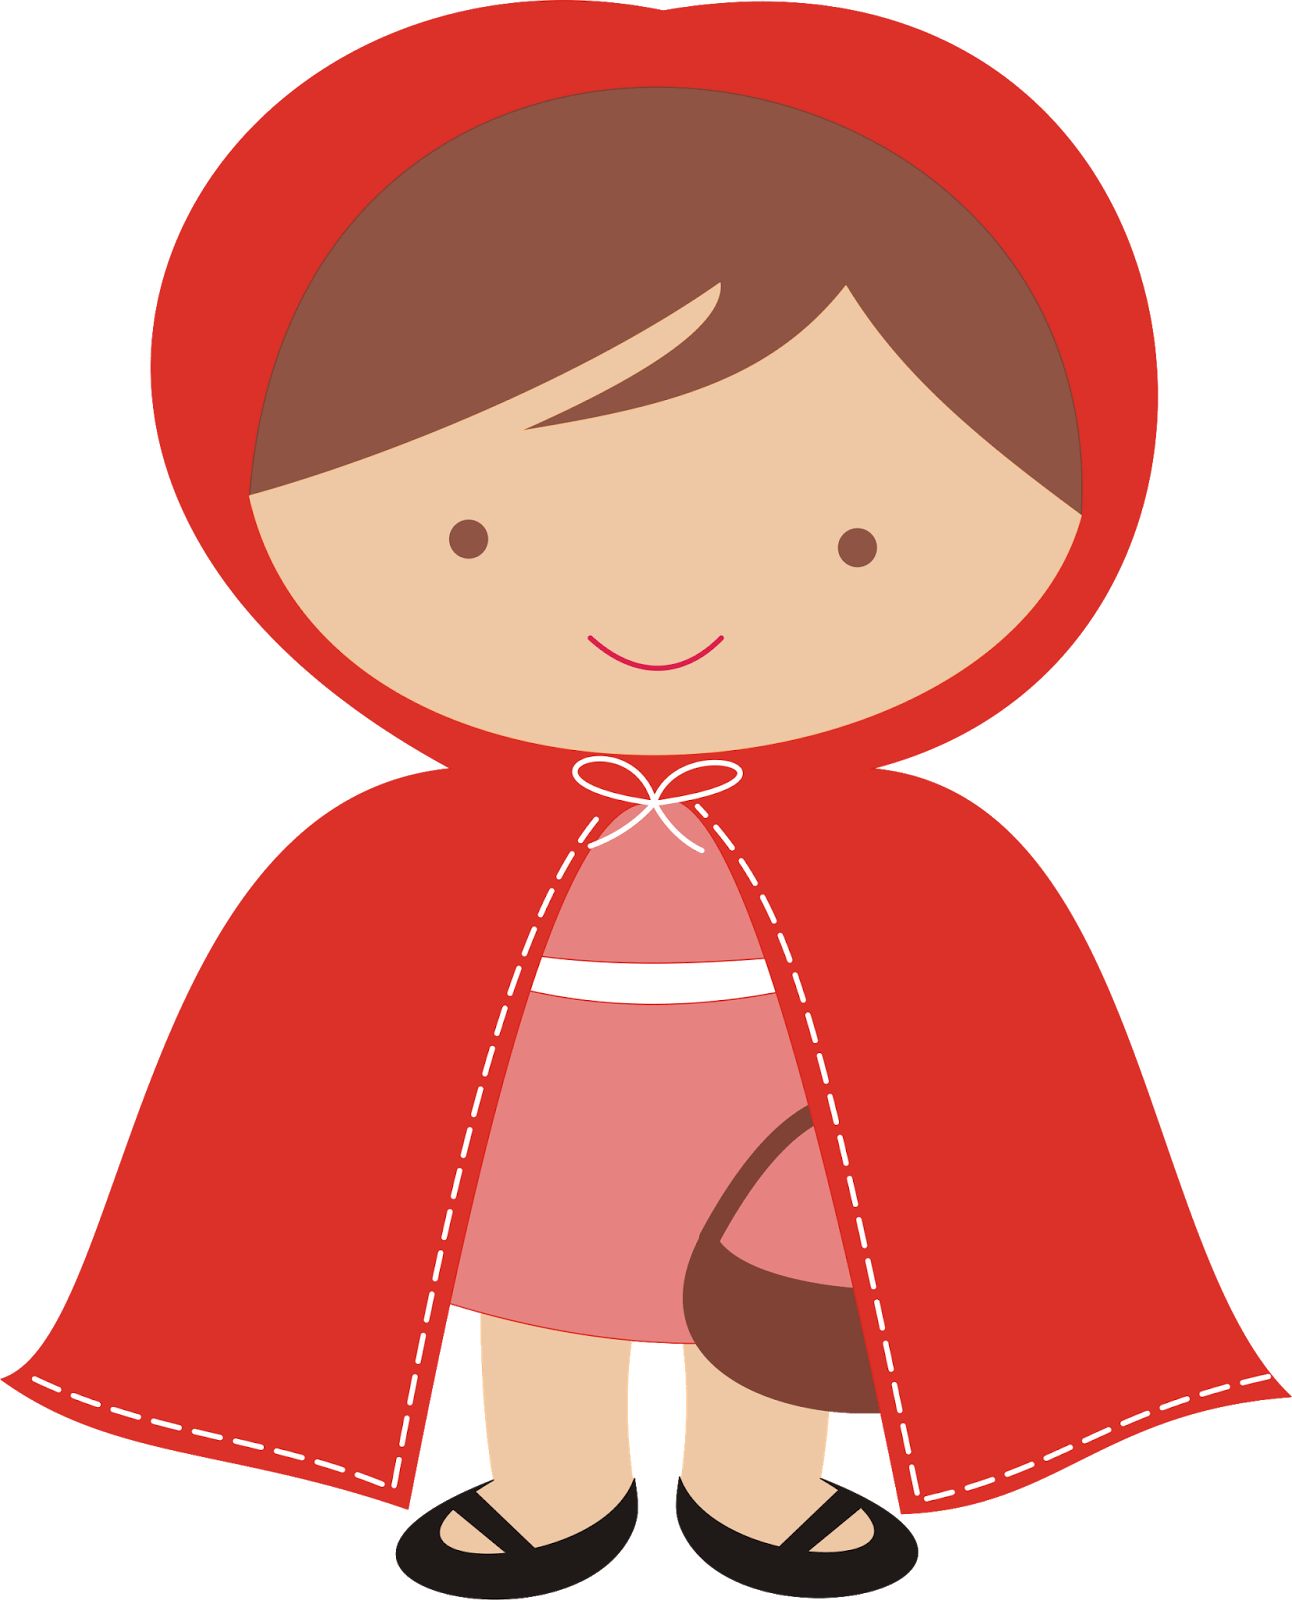 Nombre Caperucita Roja Version Porno personajes caperucita roja cuento | caperucita roja dibujo